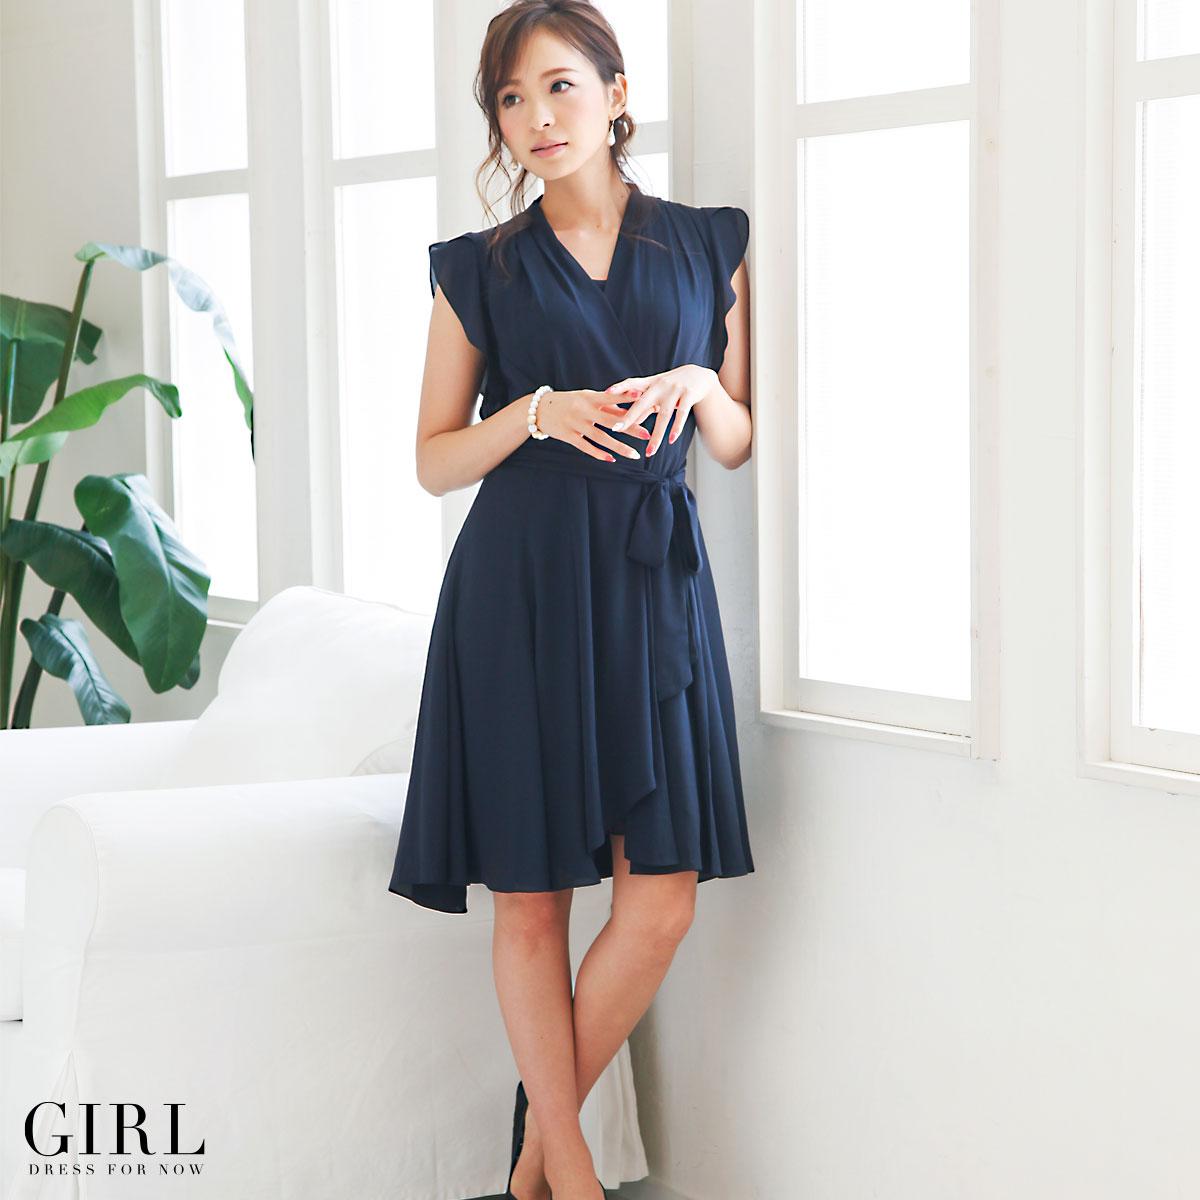 Dress shop GIRL | Rakuten Global Market: Party dresses dress medium ...